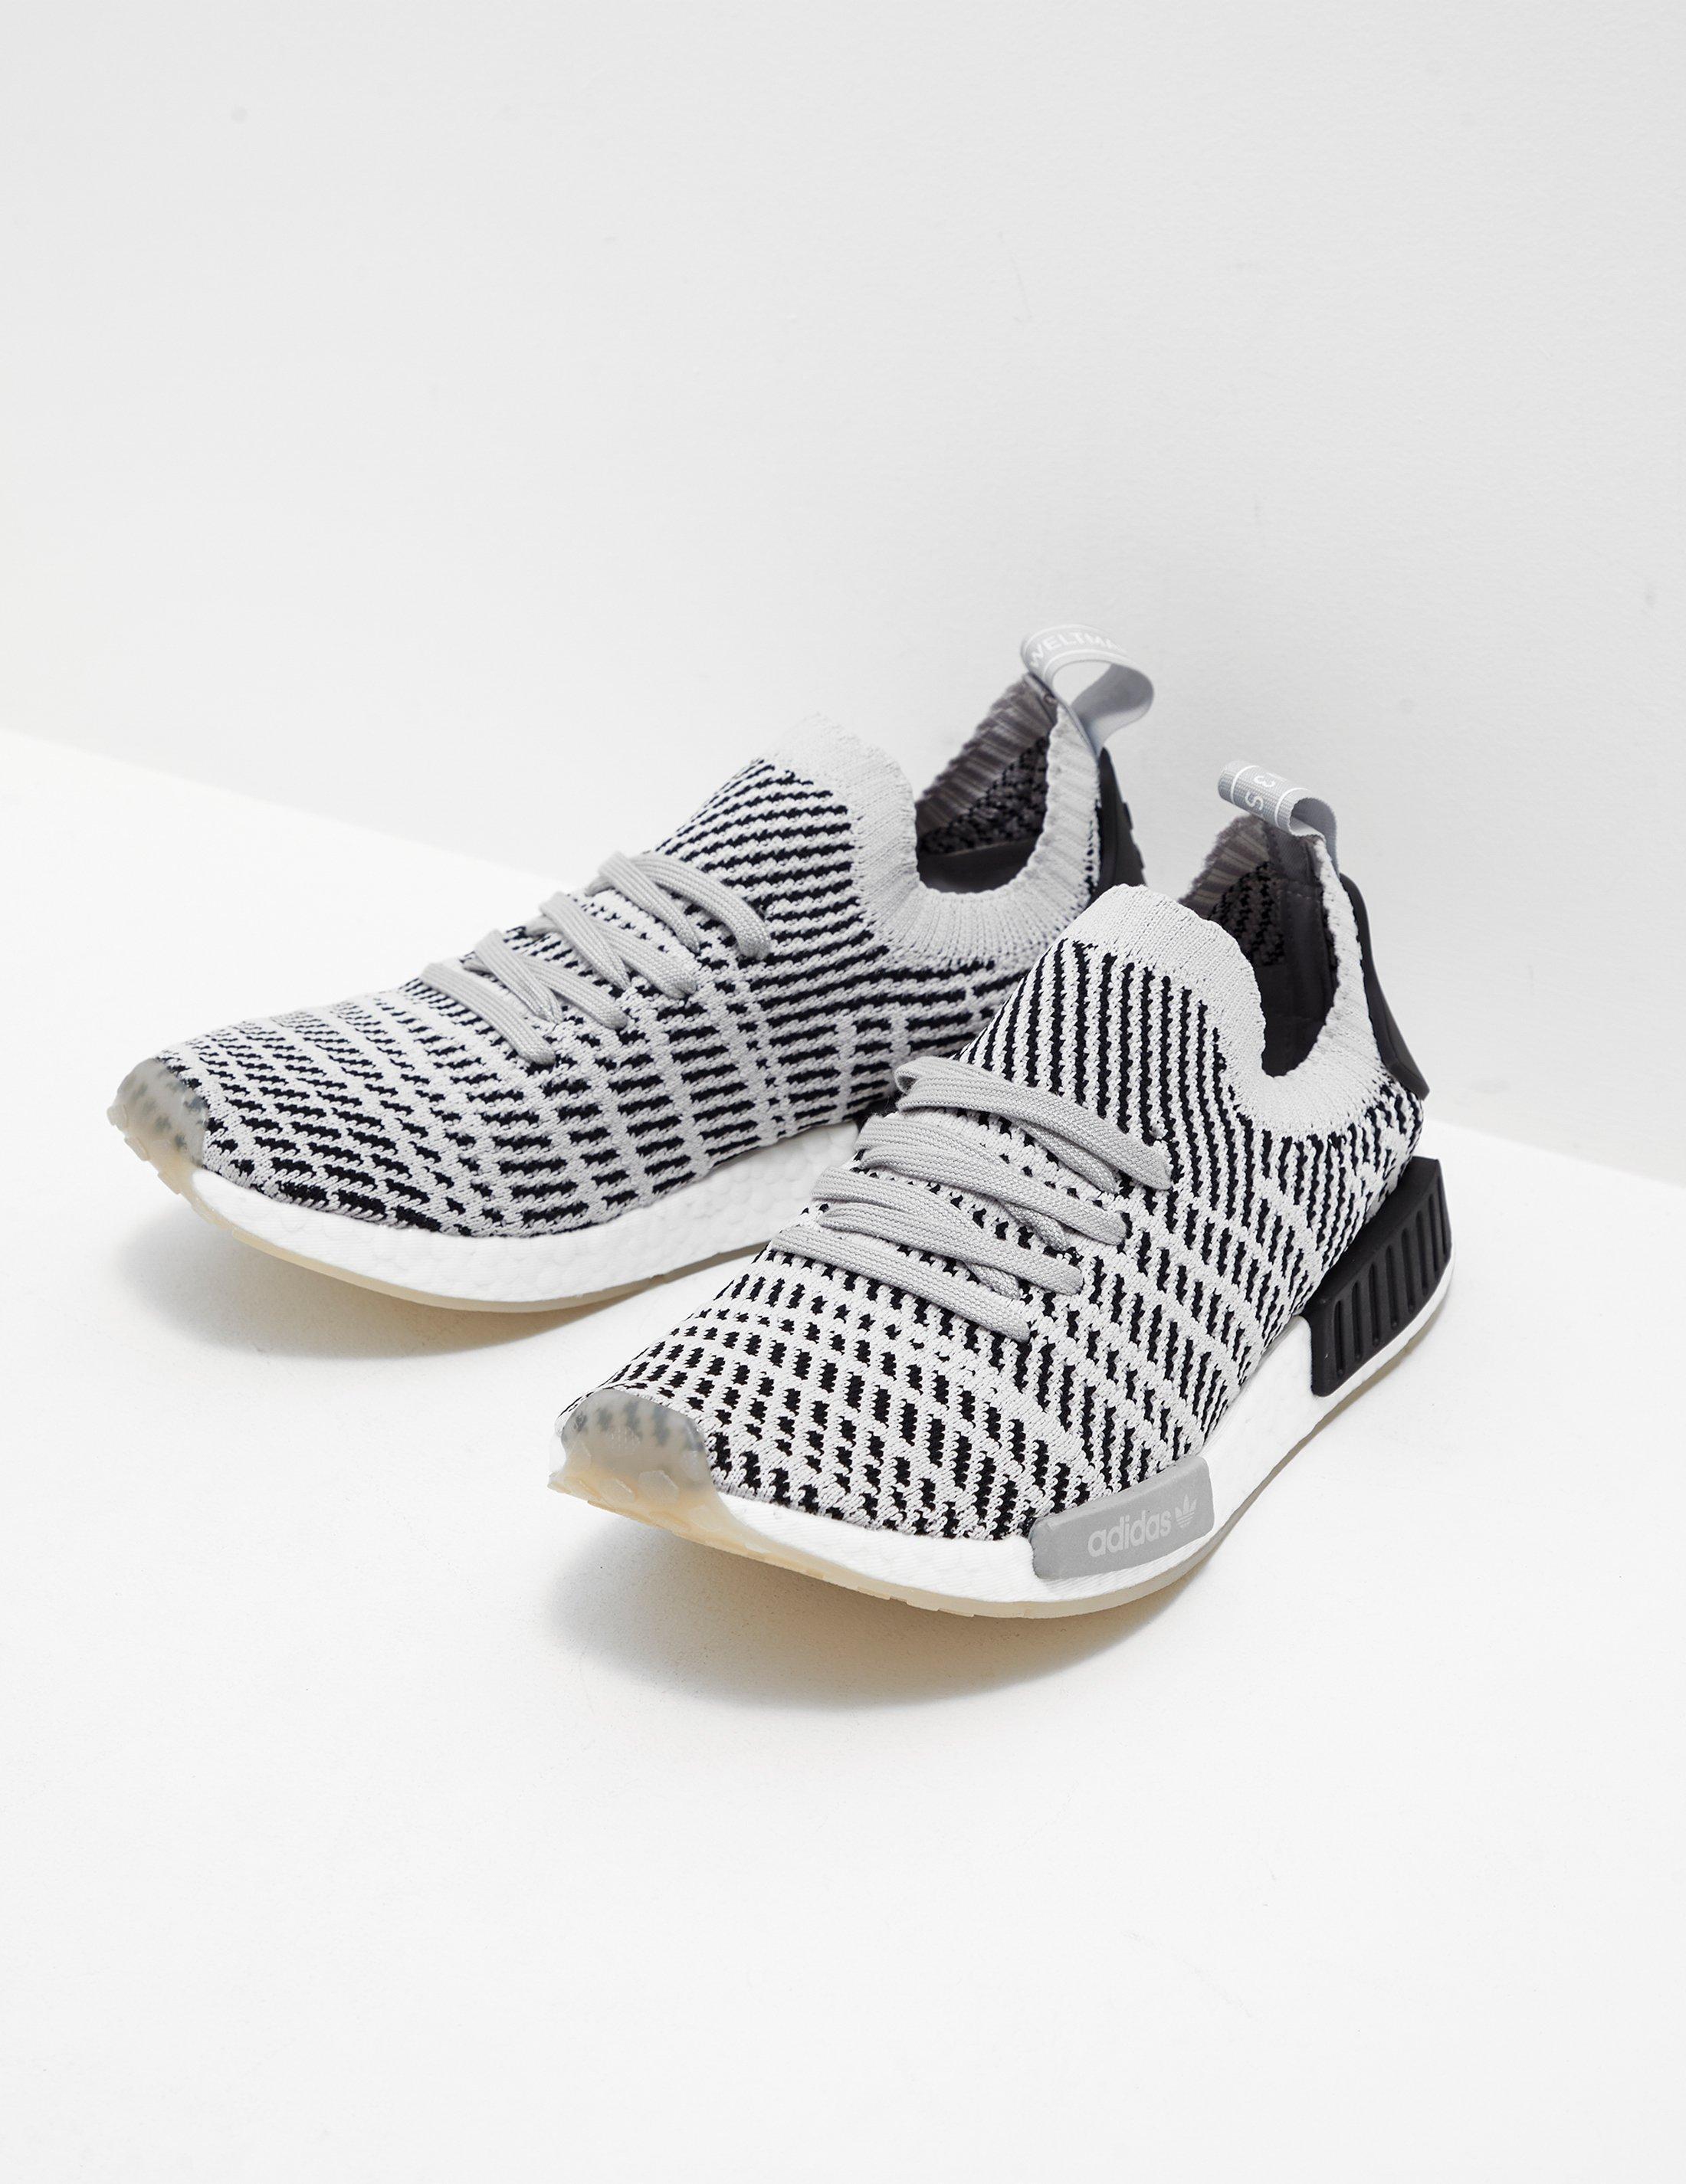 Adidas originali Uomo nmd r1 stlt primeknit grey in grigio per gli uomini lyst